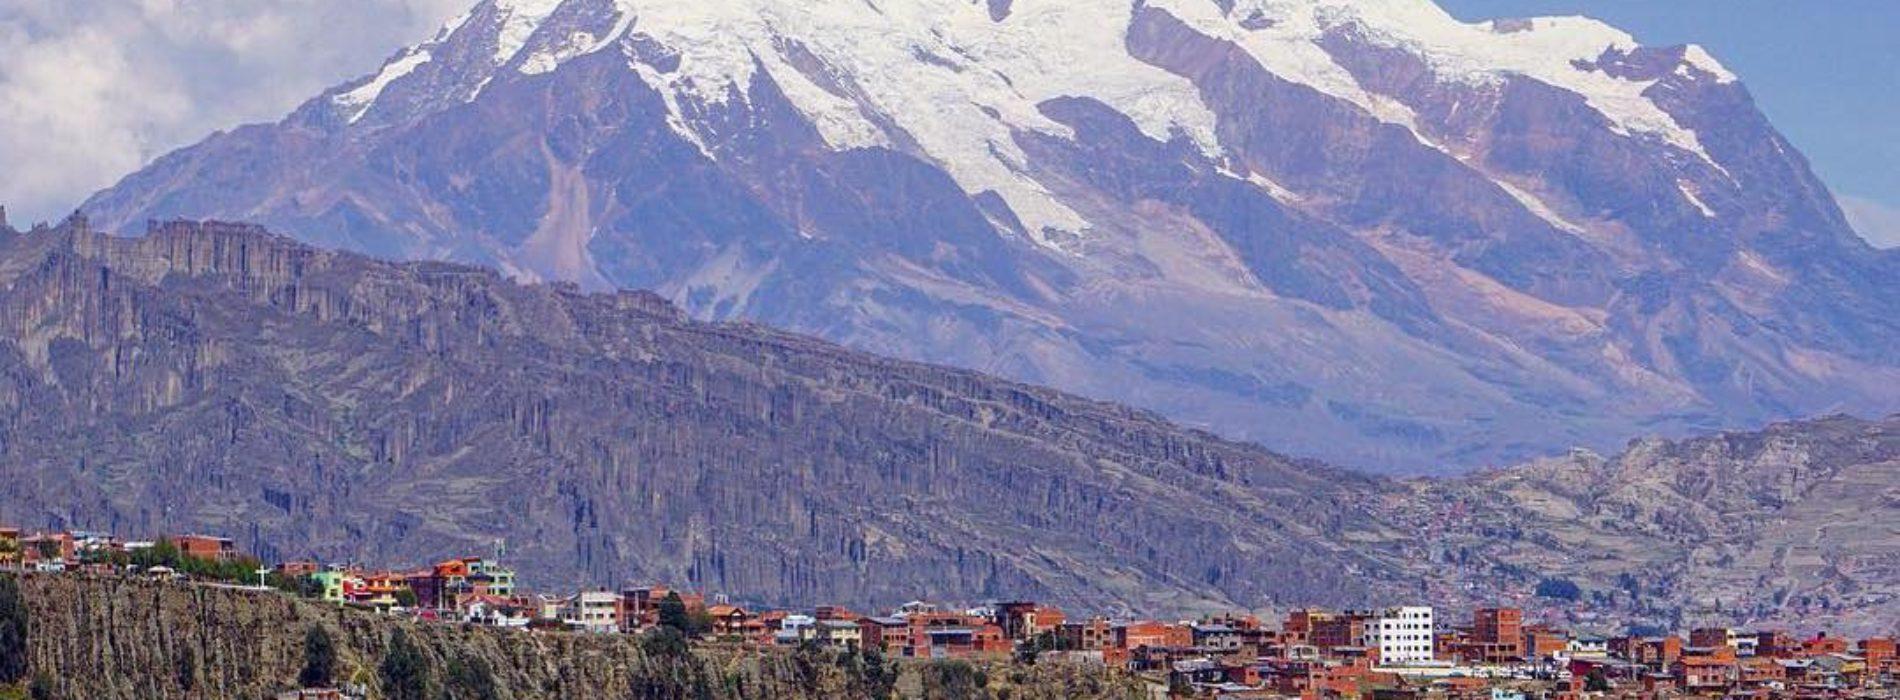 5 choses que tu dois savoir avant de partir voyager en Bolivie